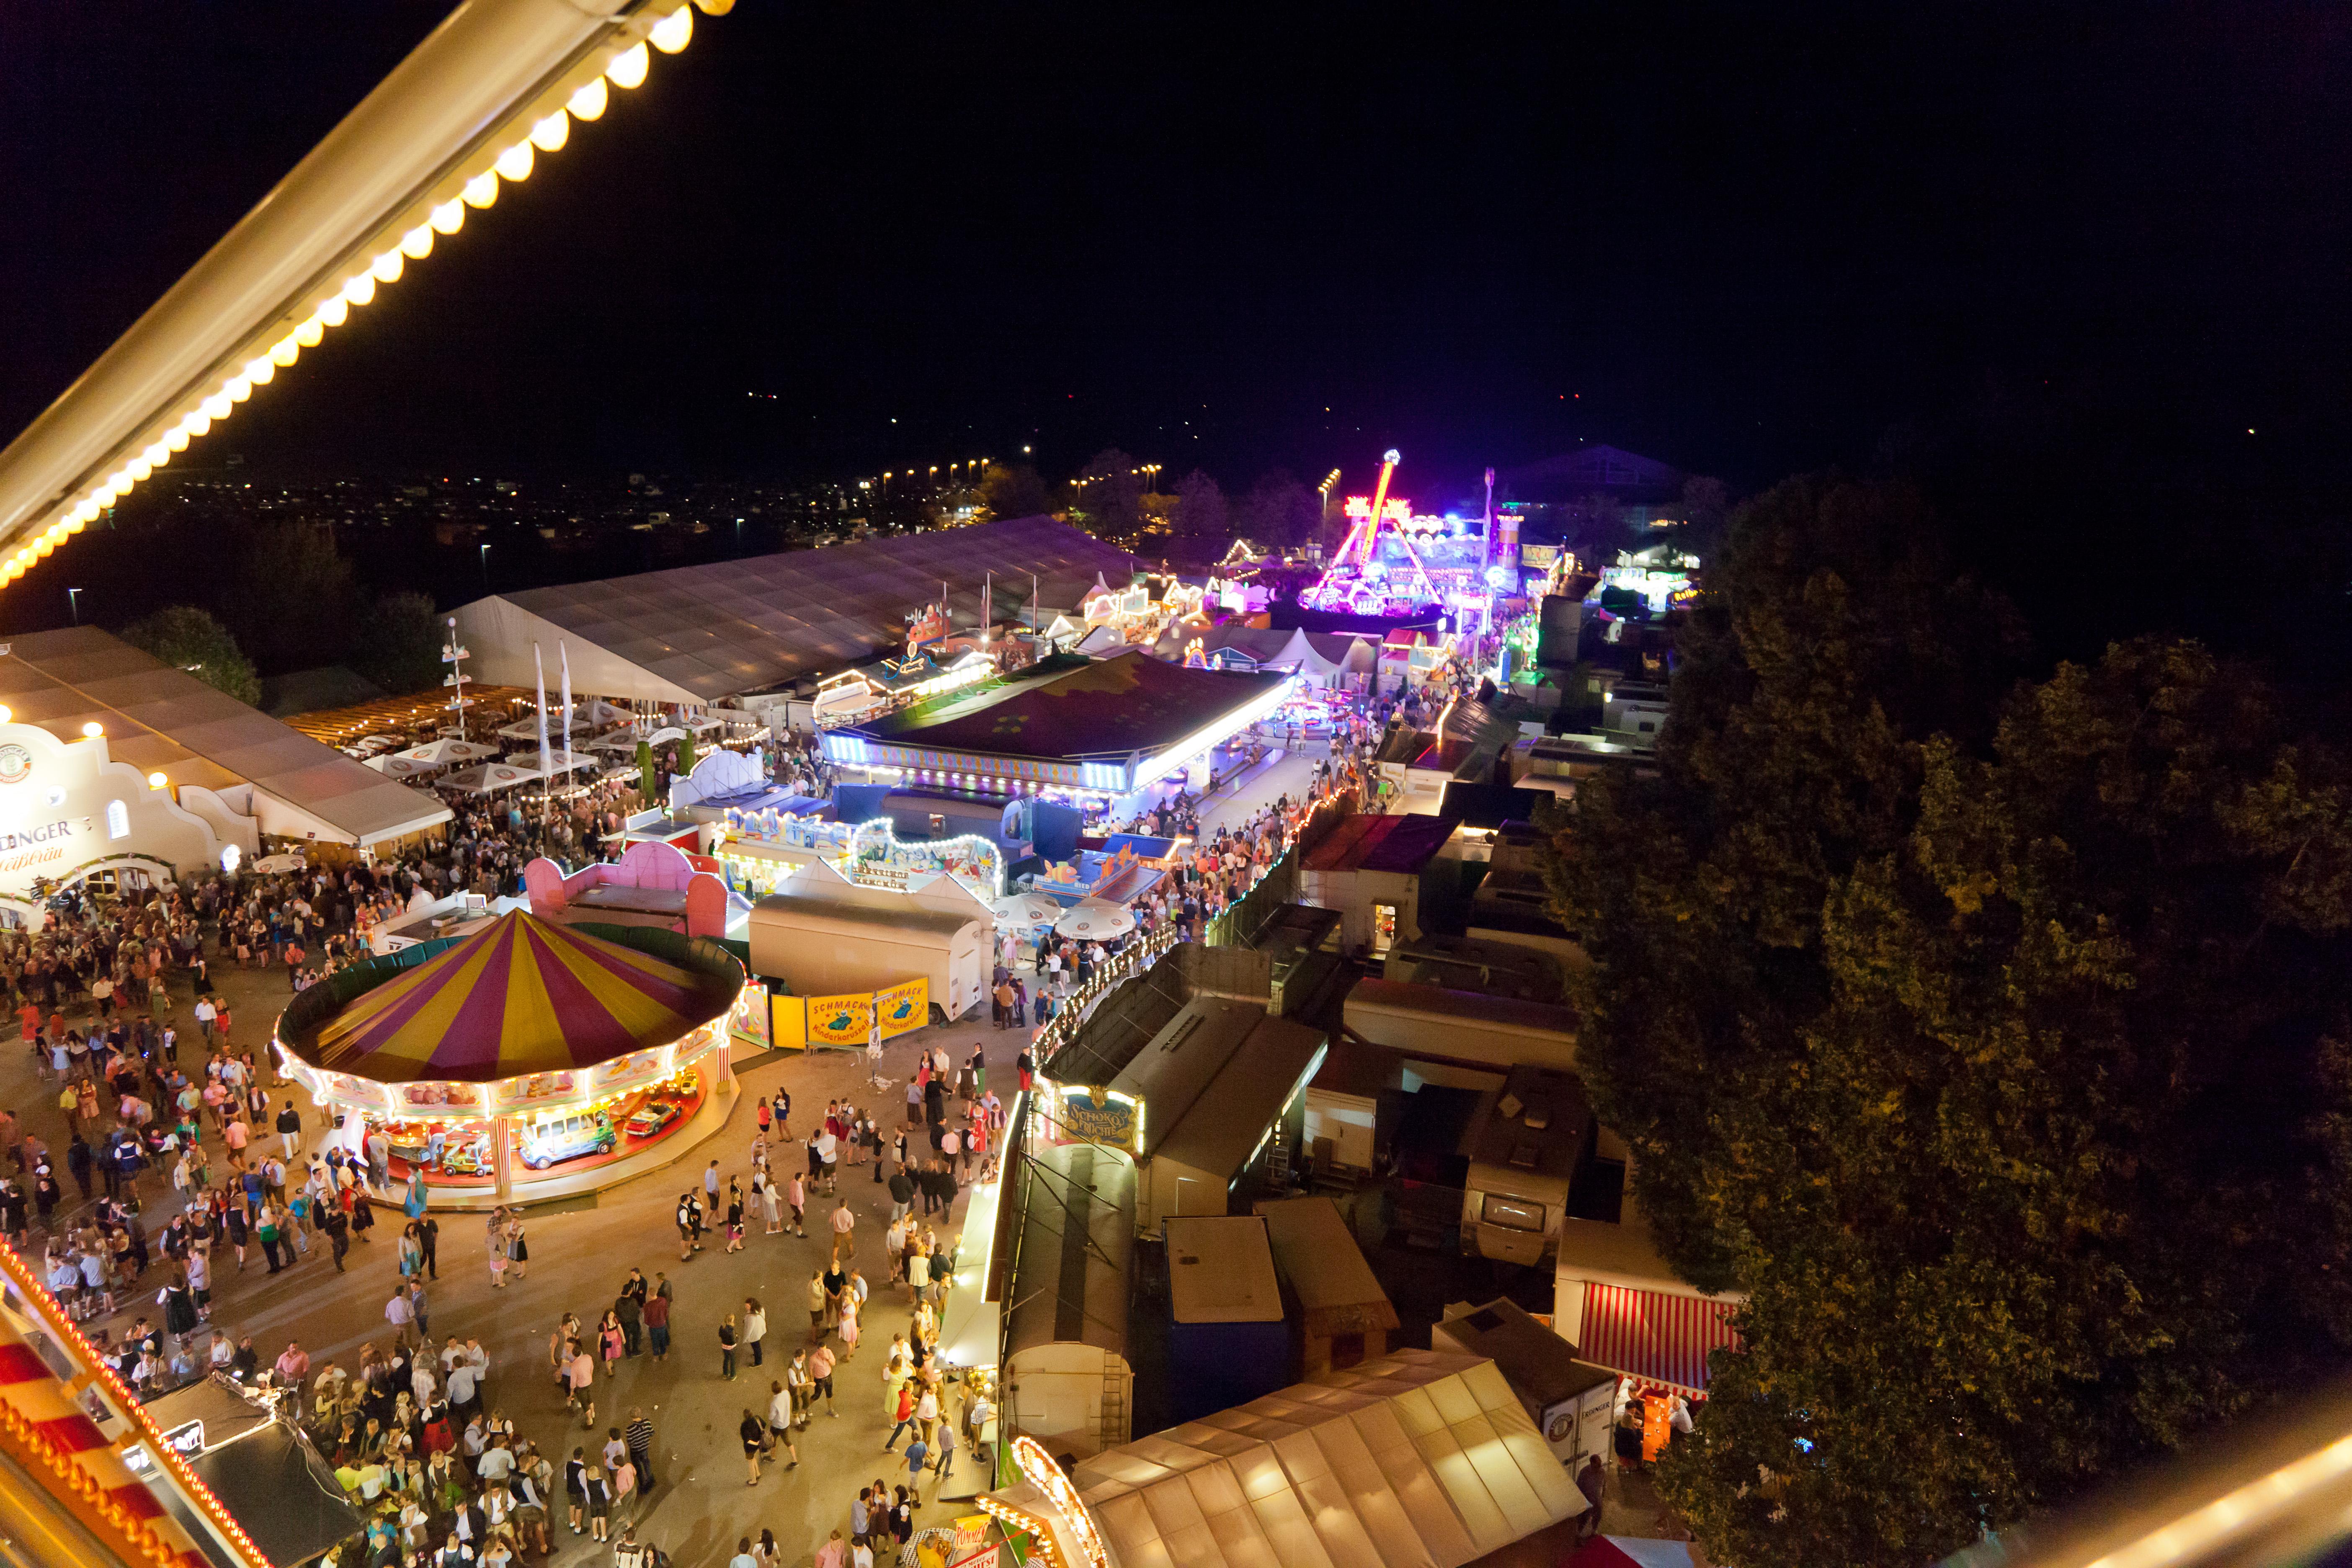 File:Herbstfest Erding.jpg - Wikimedia Commons